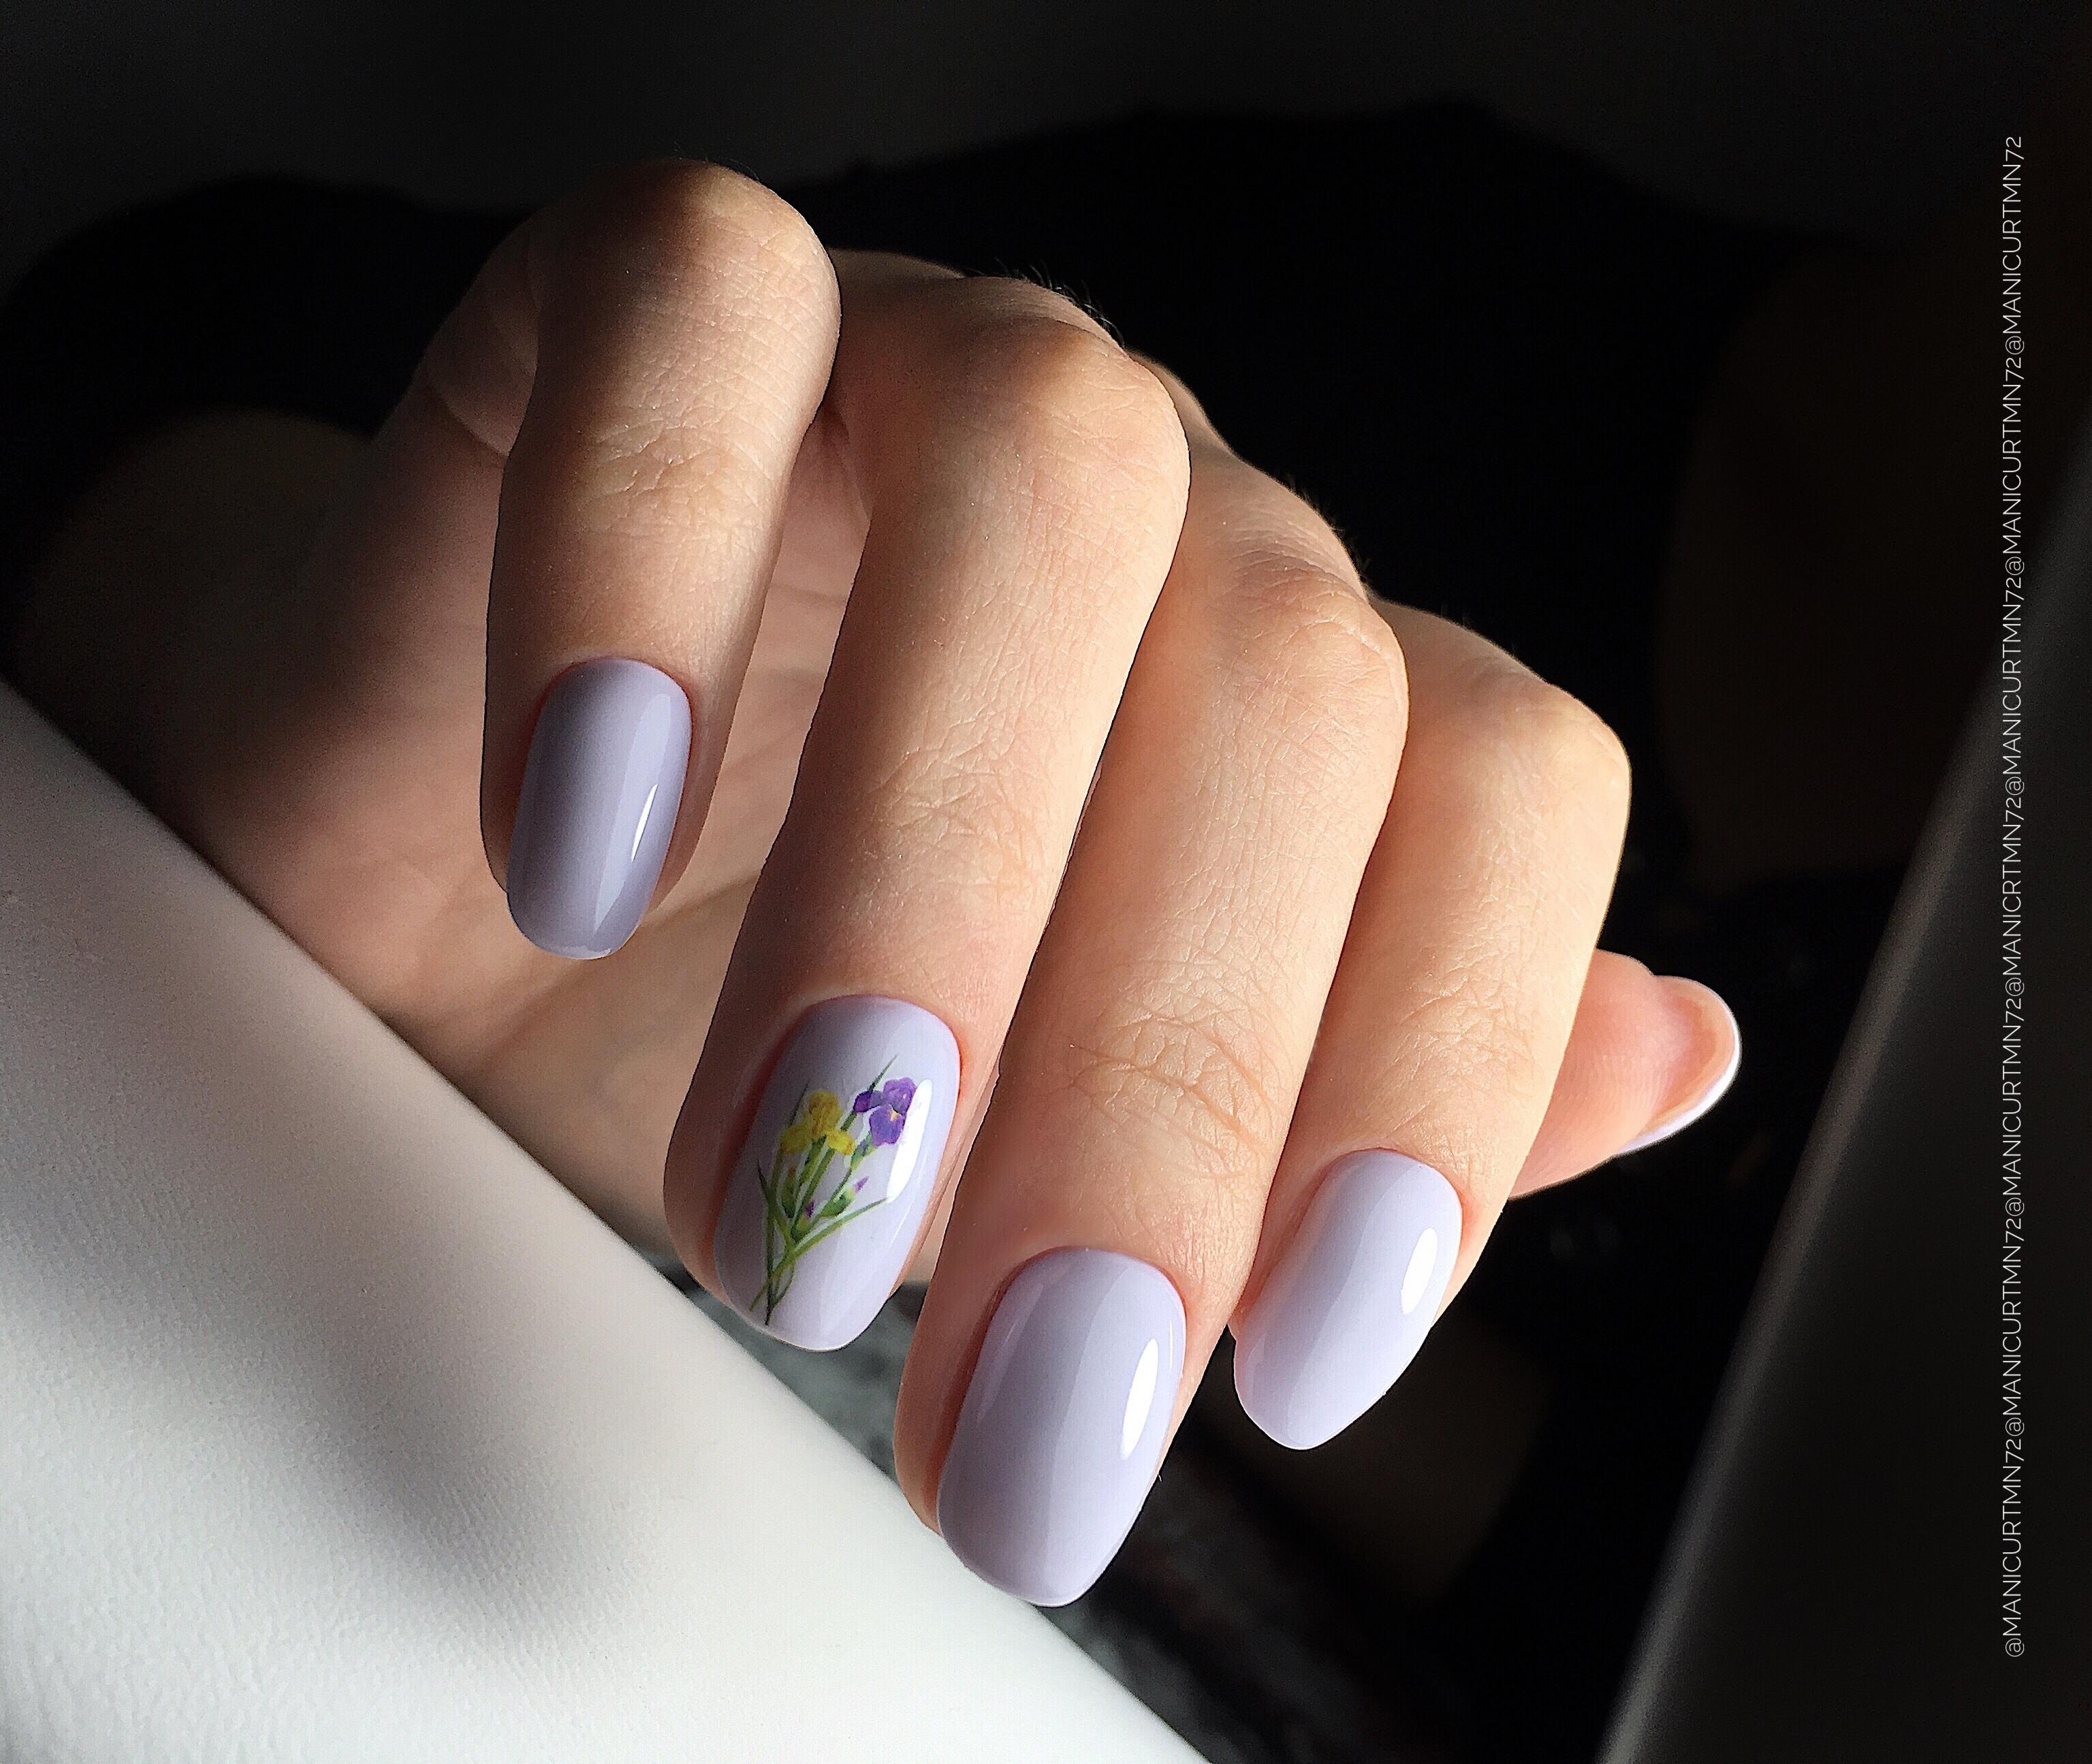 Маникюр с цветочным слайдером в сиреневом цвете на короткие ногти.